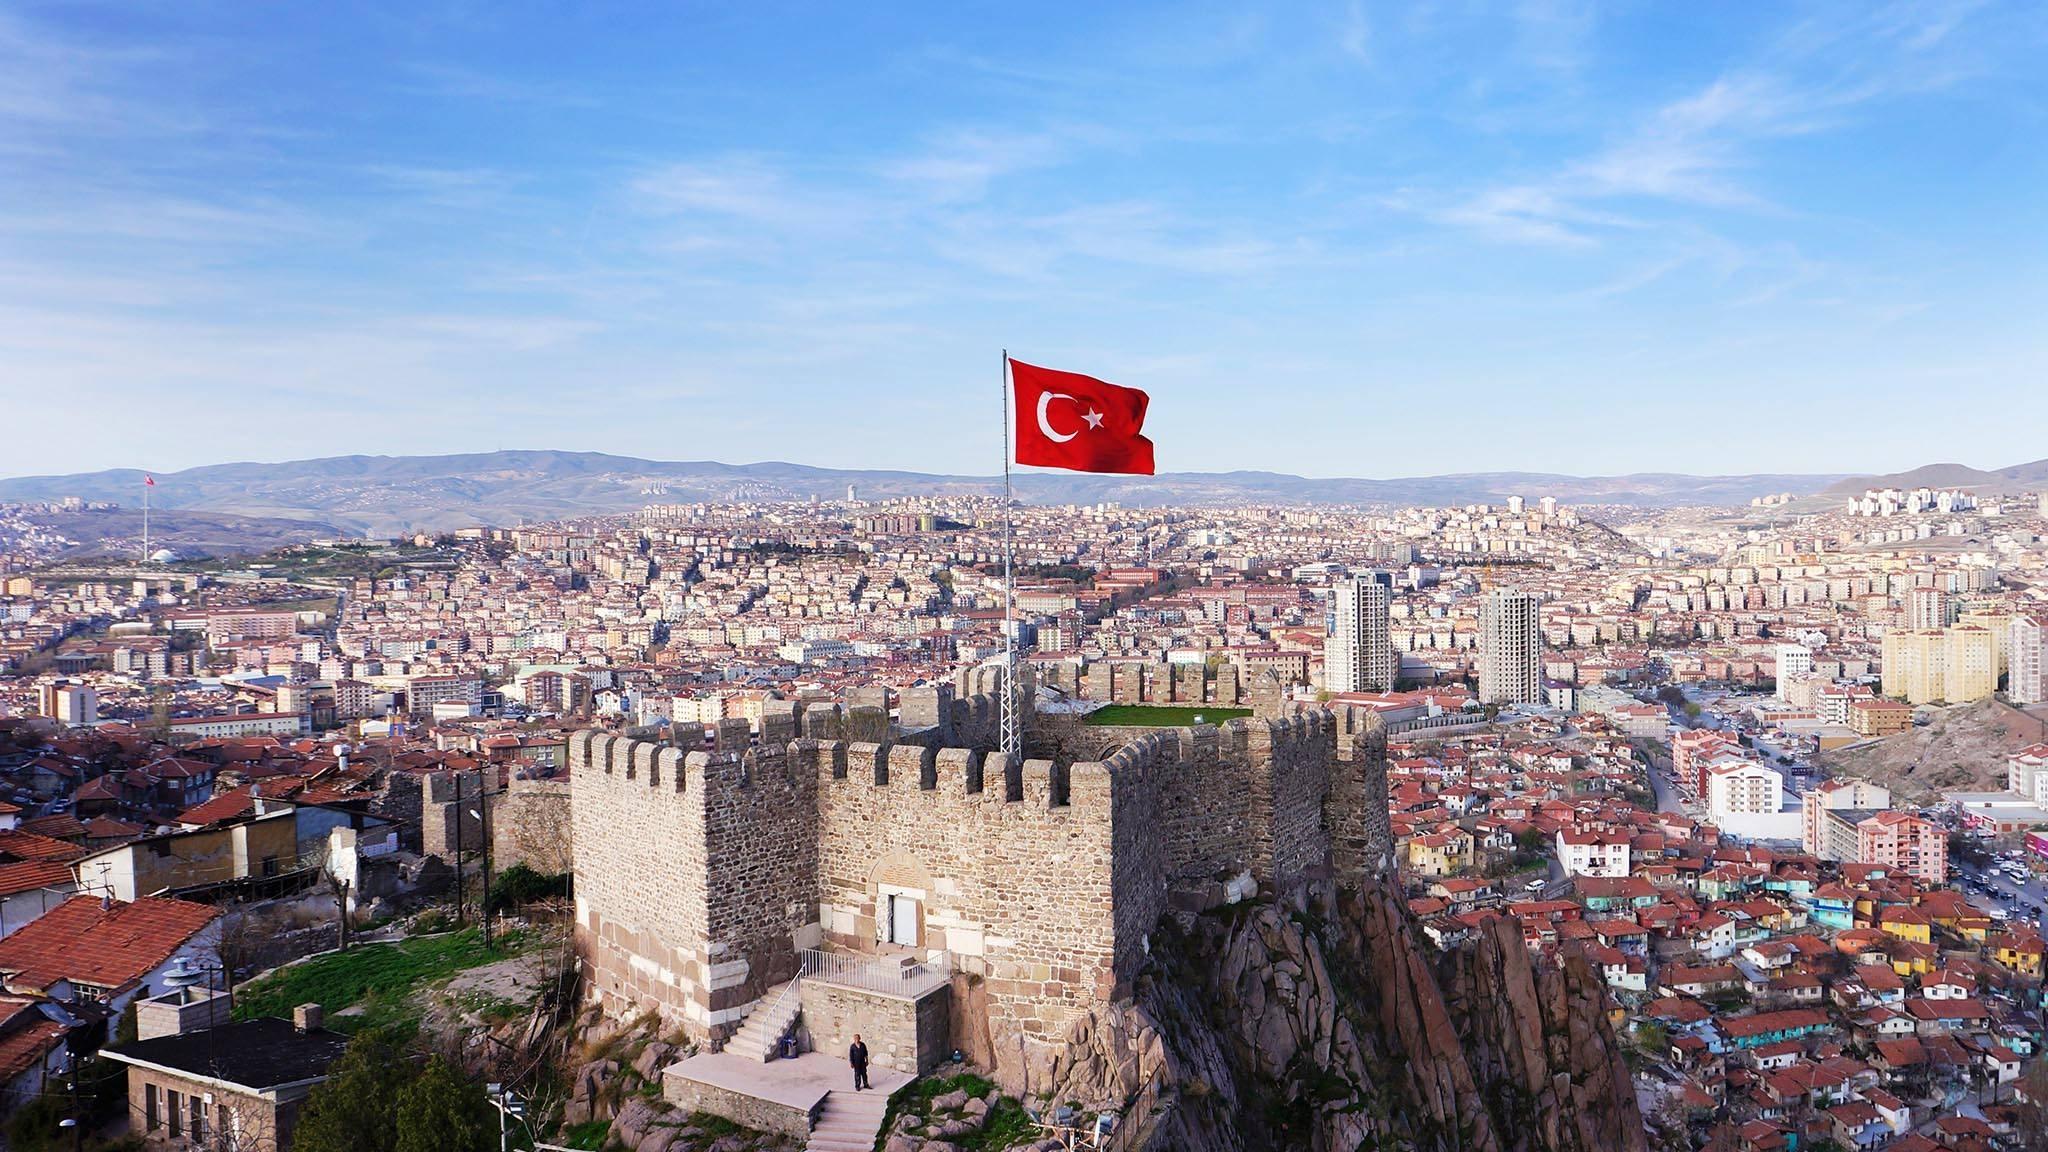 Деревни в Турции со смешанным Кавказским населением. Города Афьон, Амасья, Анкара